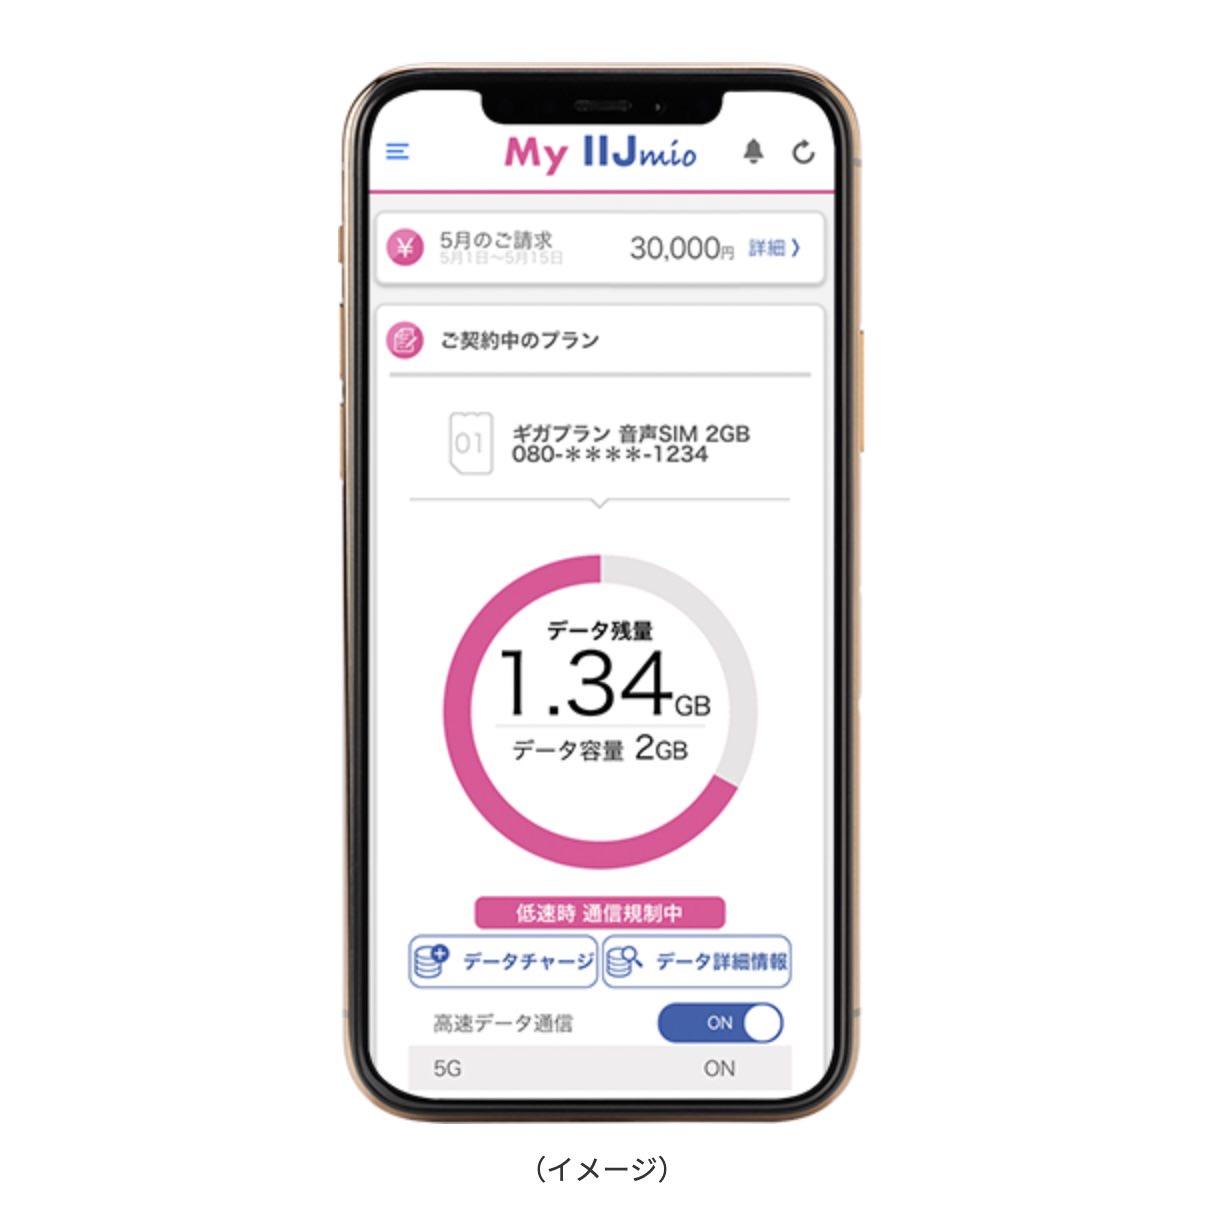 Iijmio update 6 25